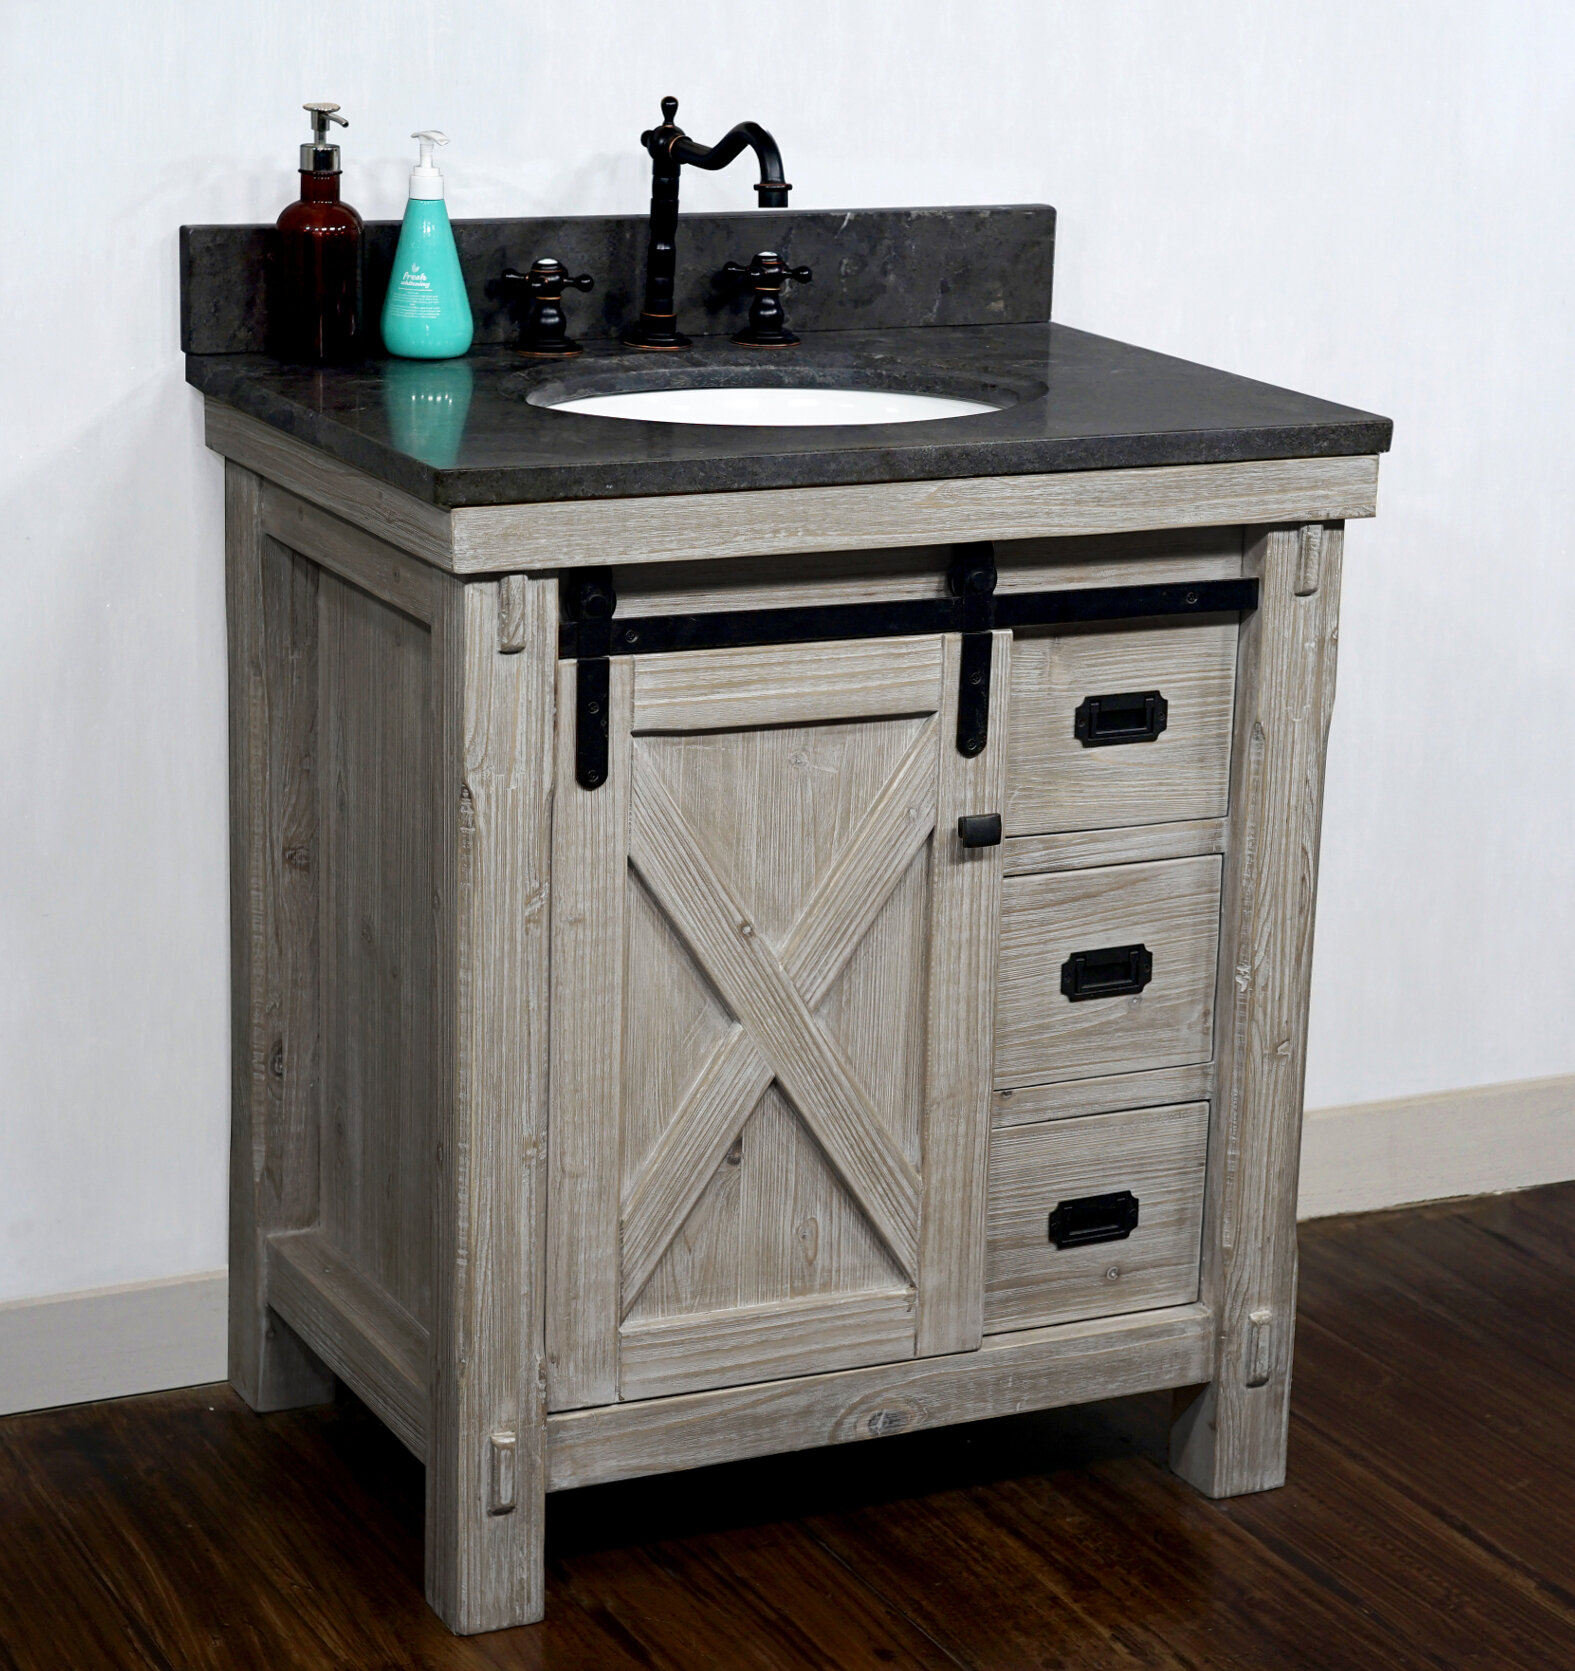 Gracie Oaks Blacfore 31 Single Bathroom Vanity Wayfair